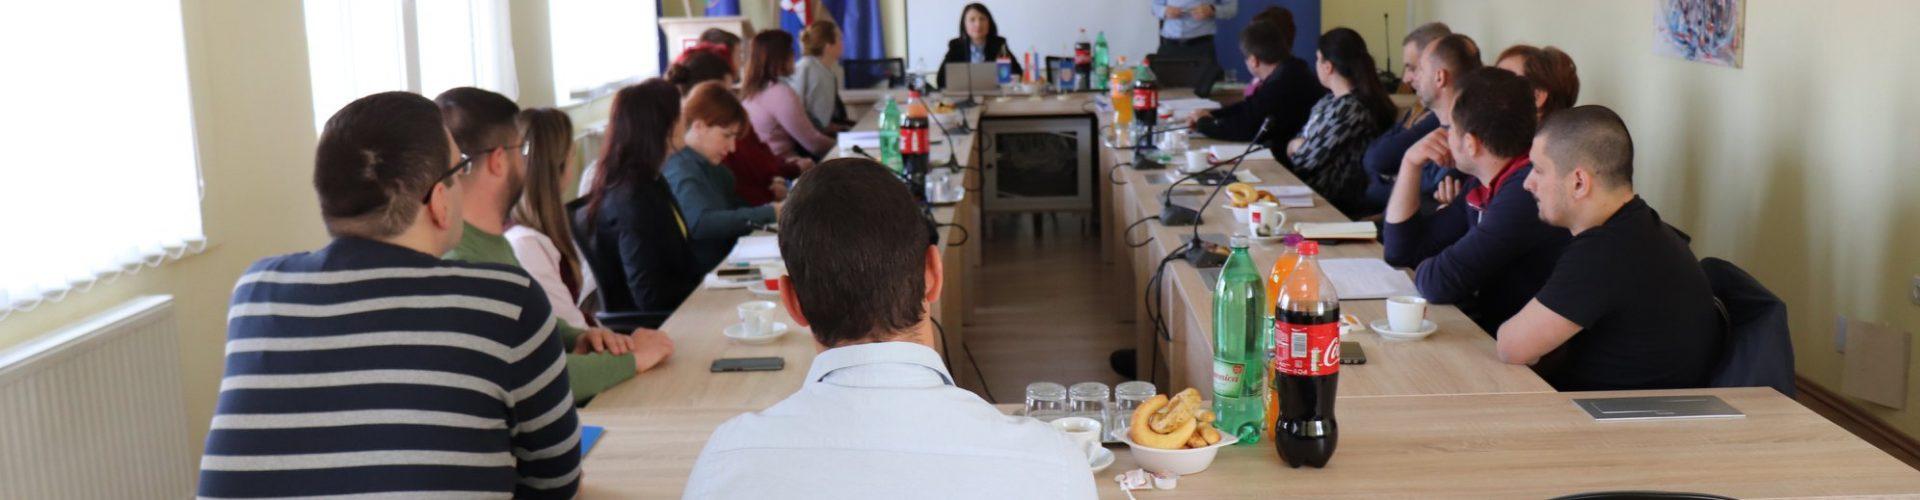 Održan sastanak Partnerstva za izradu Strateškog plana razvoja gospodarskog sektora Grad Gline – područje informatike